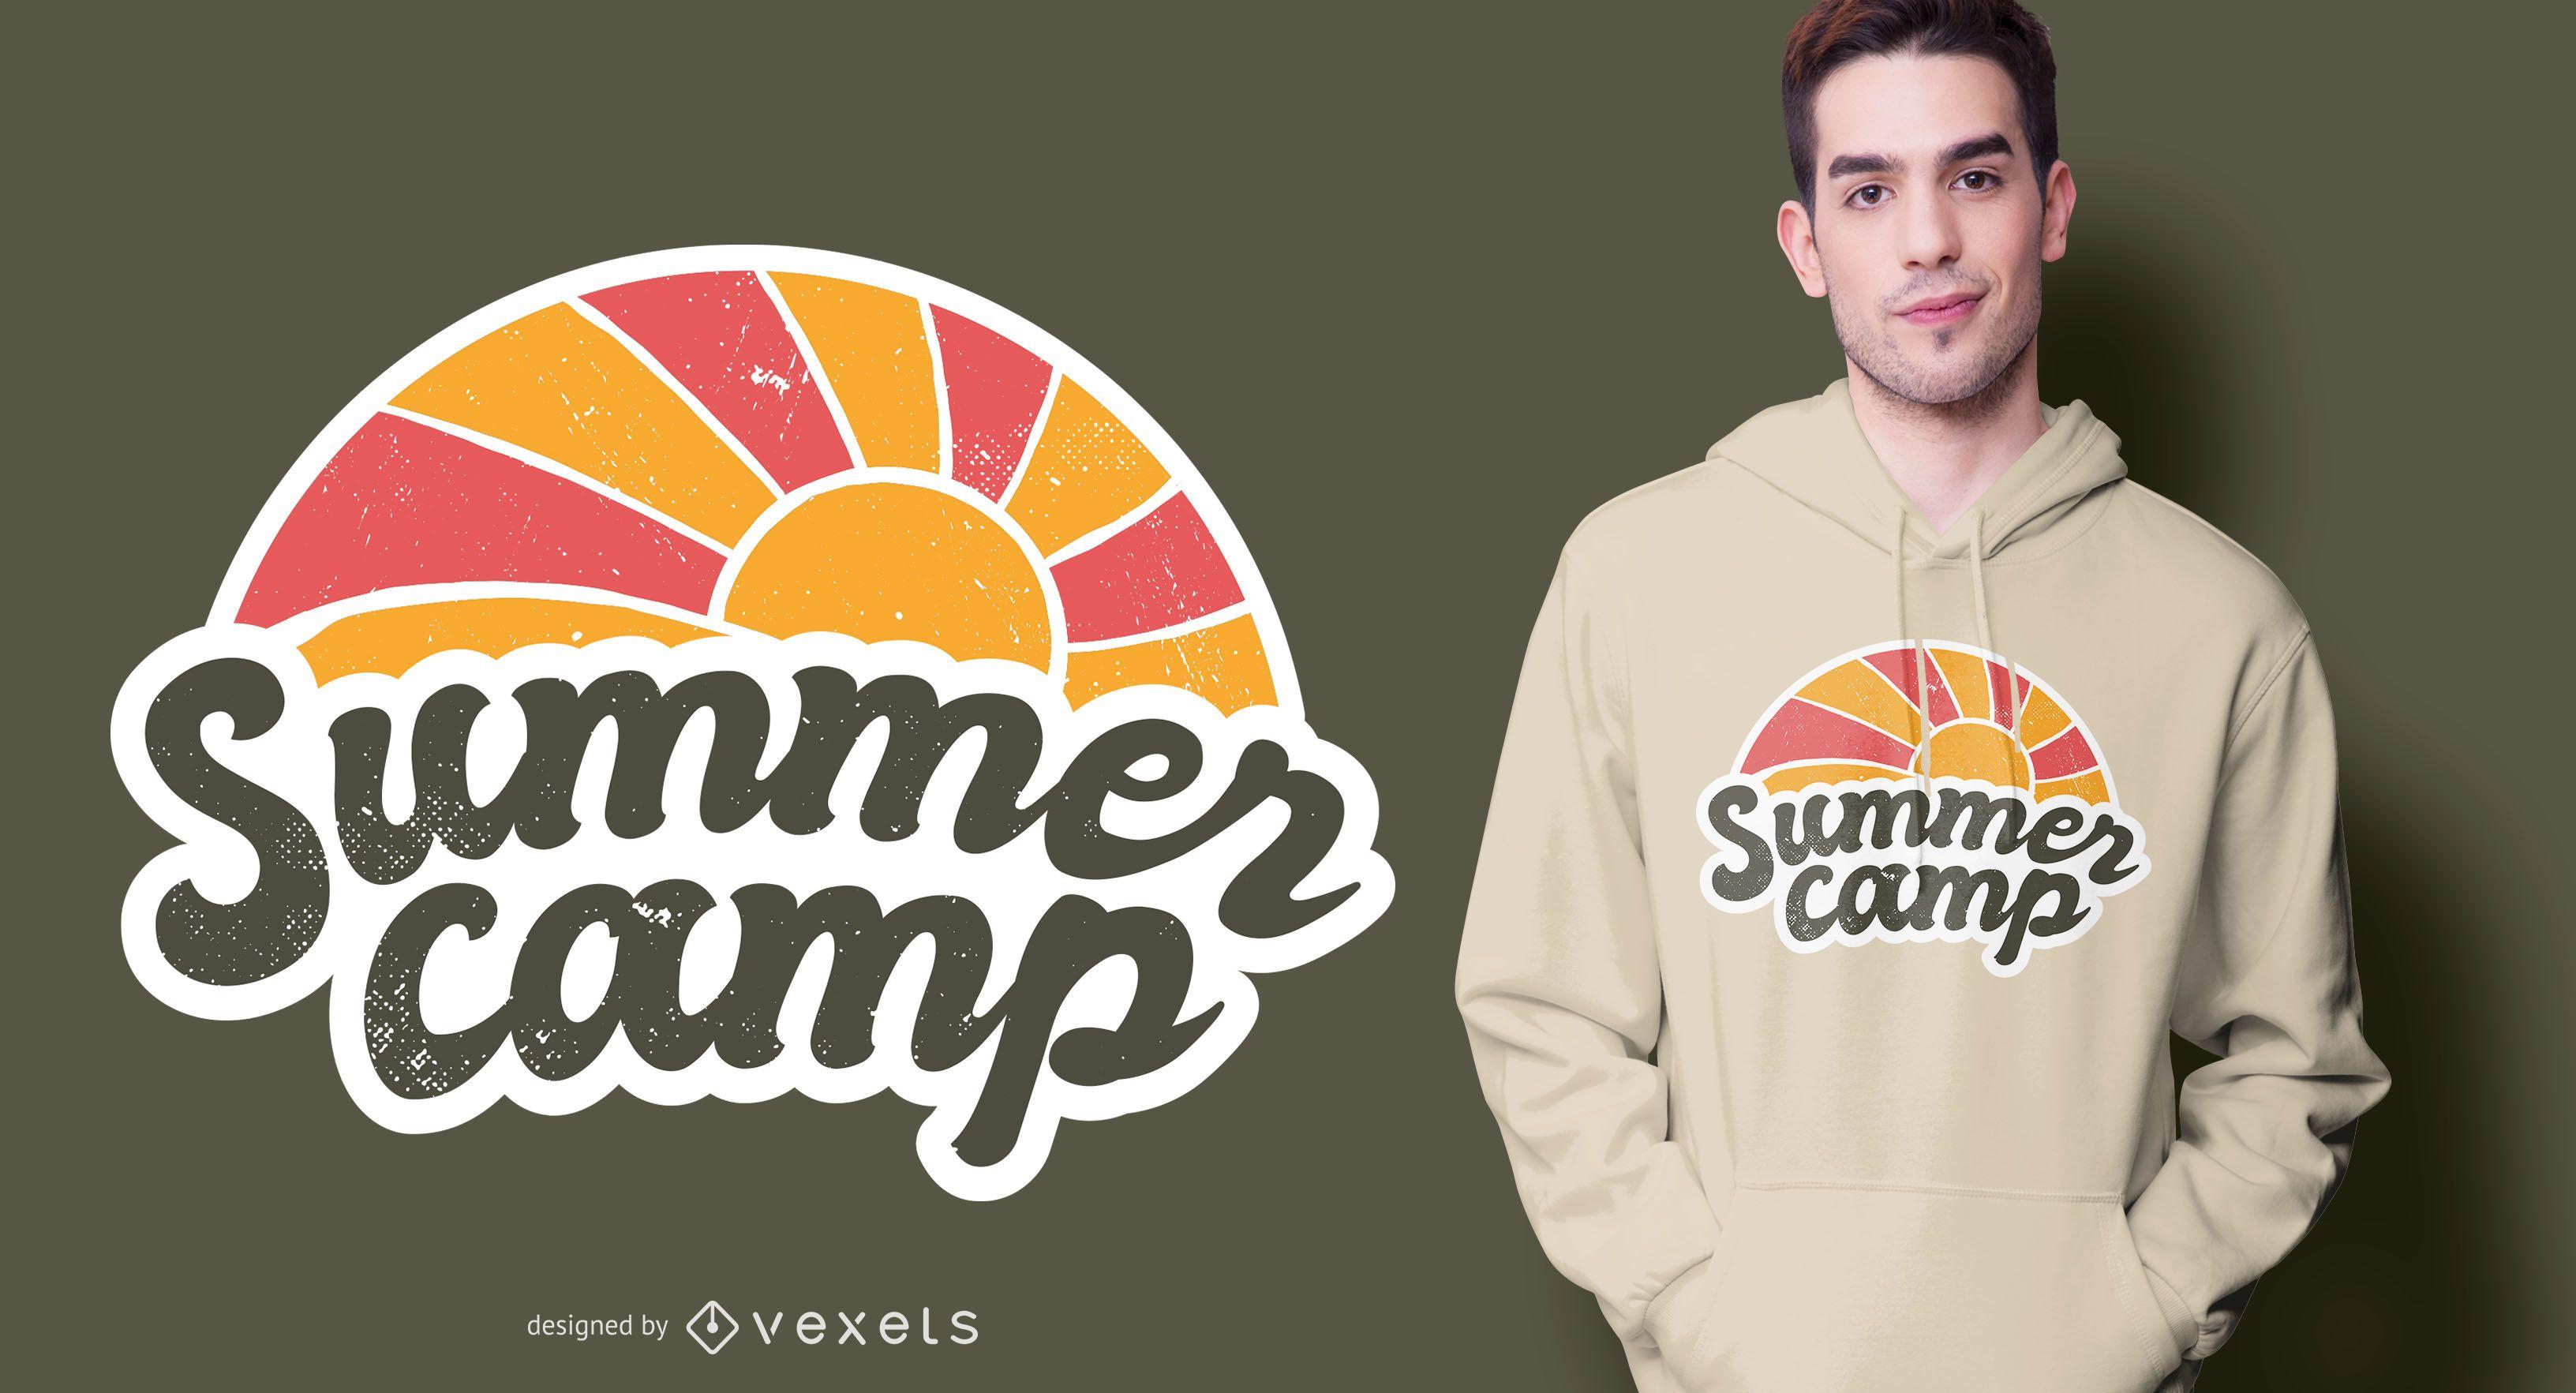 Summer camp vintage t-shirt design